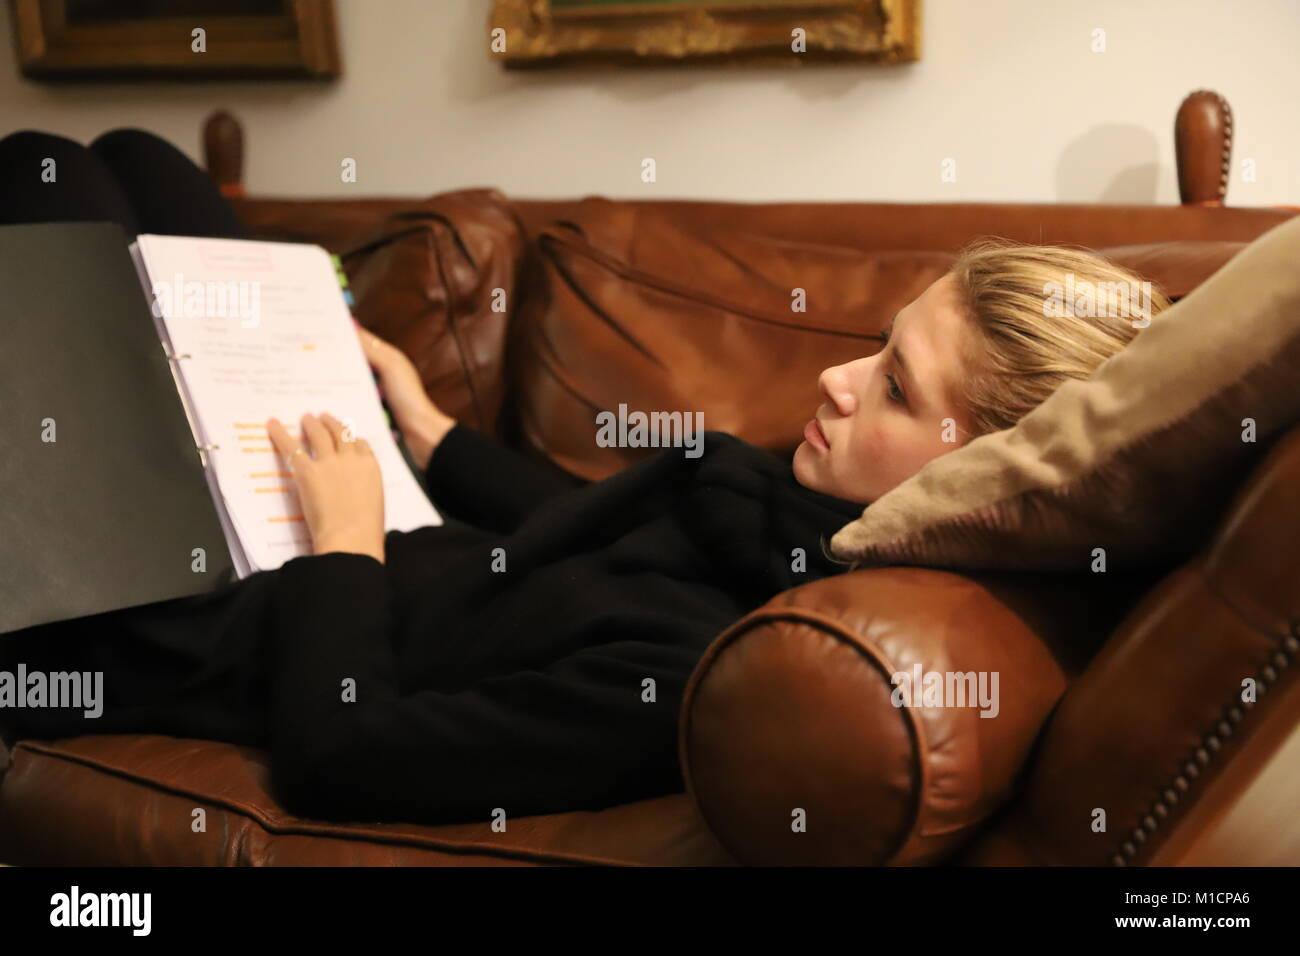 Joven estudiante de derecho estudios en la casa de sus abuelos. Imagen De Stock